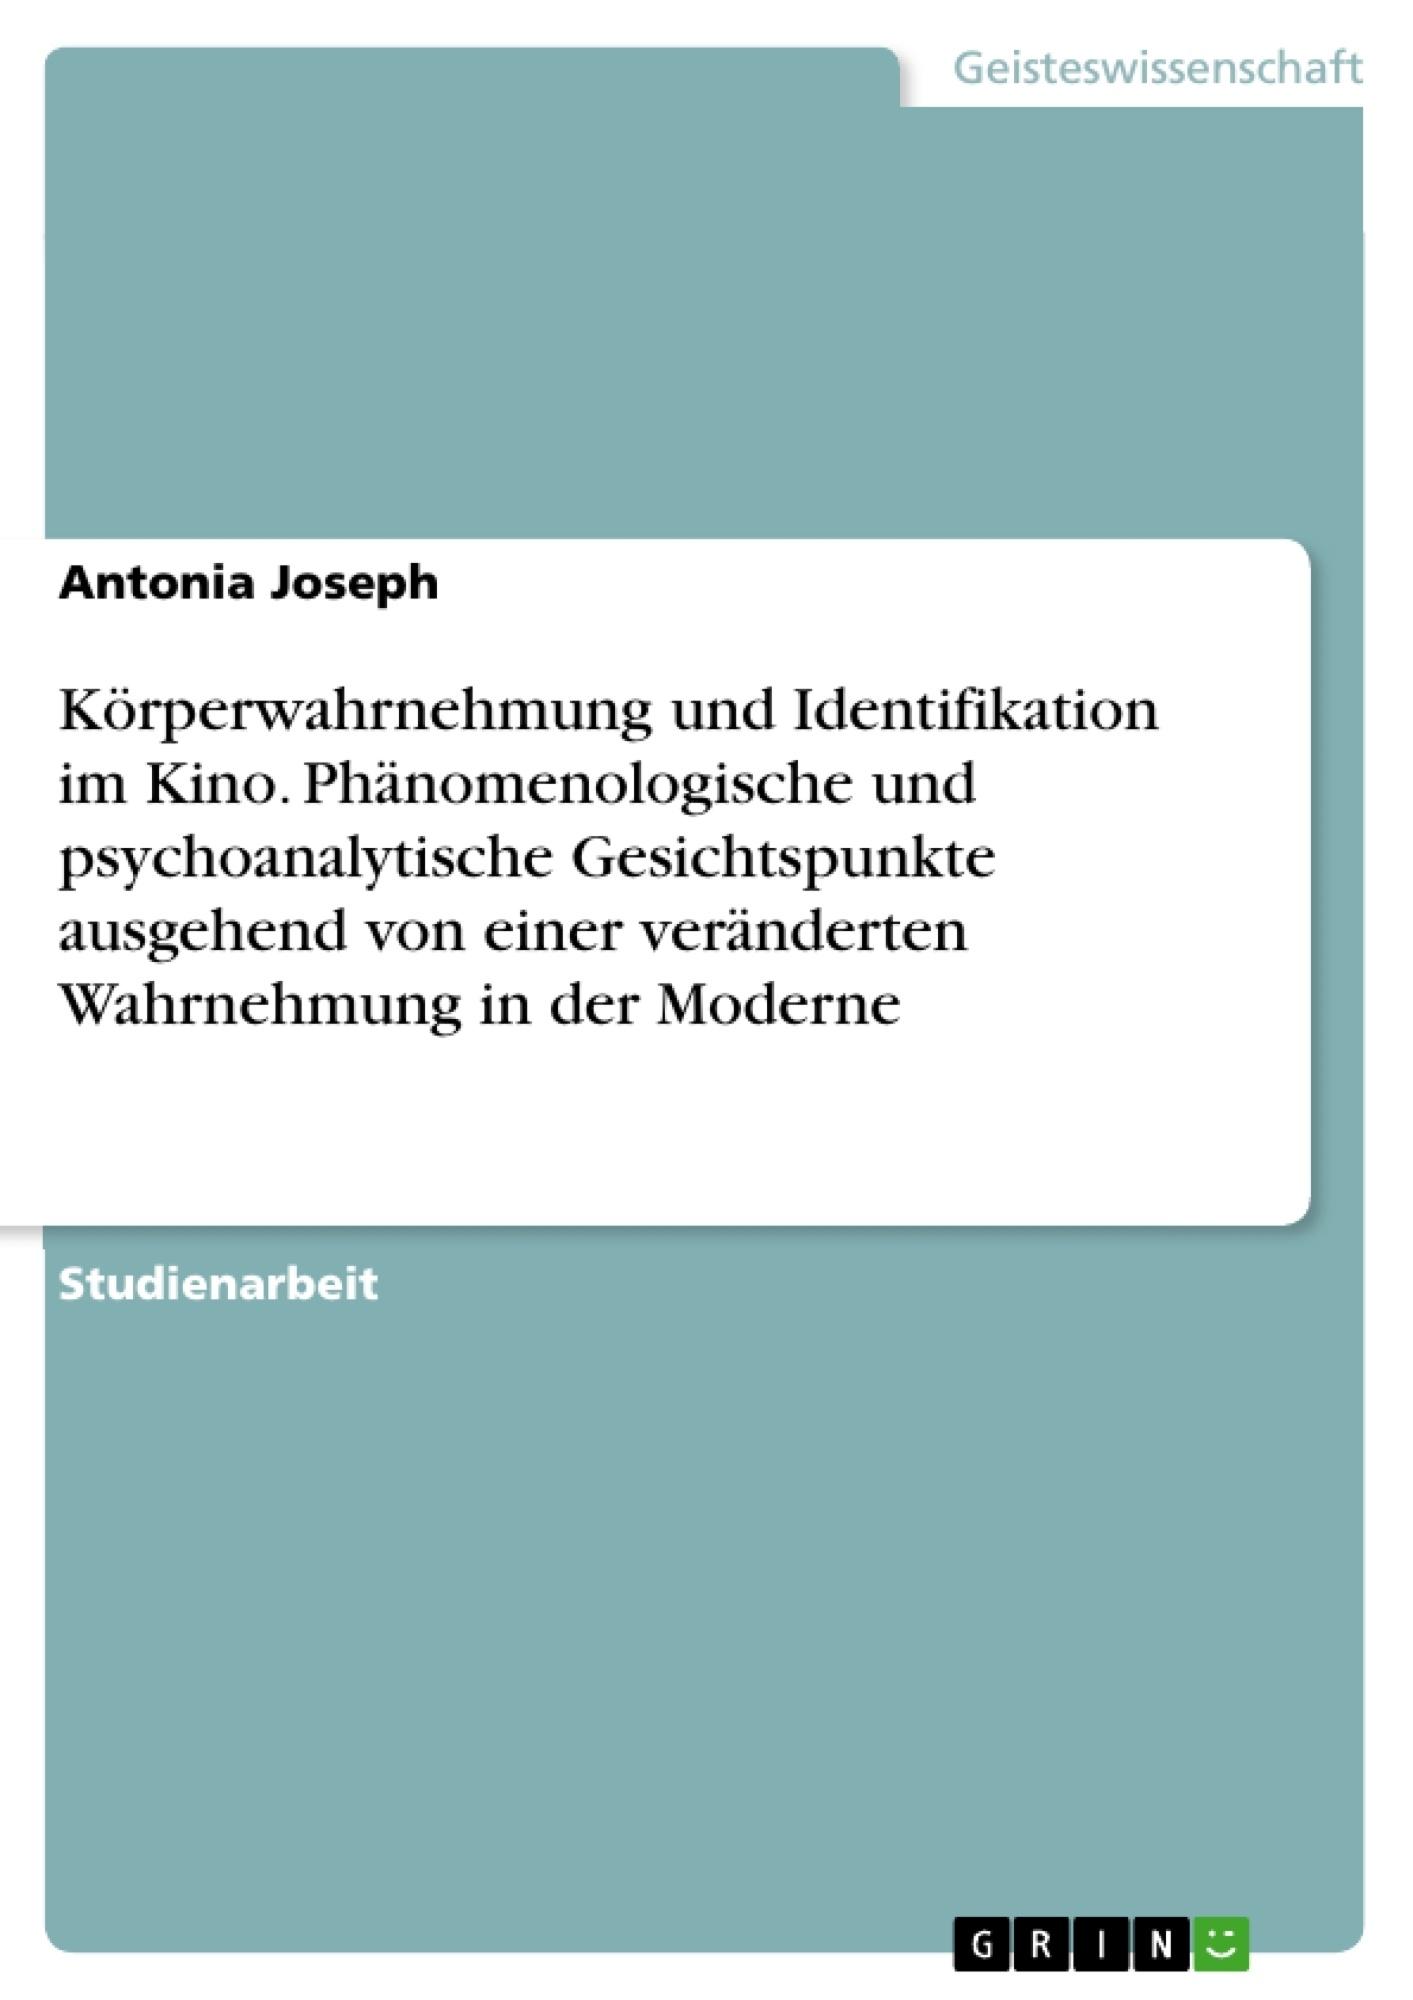 Titel: Körperwahrnehmung und Identifikation im Kino. Phänomenologische und psychoanalytische Gesichtspunkte ausgehend von einer veränderten Wahrnehmung in der Moderne